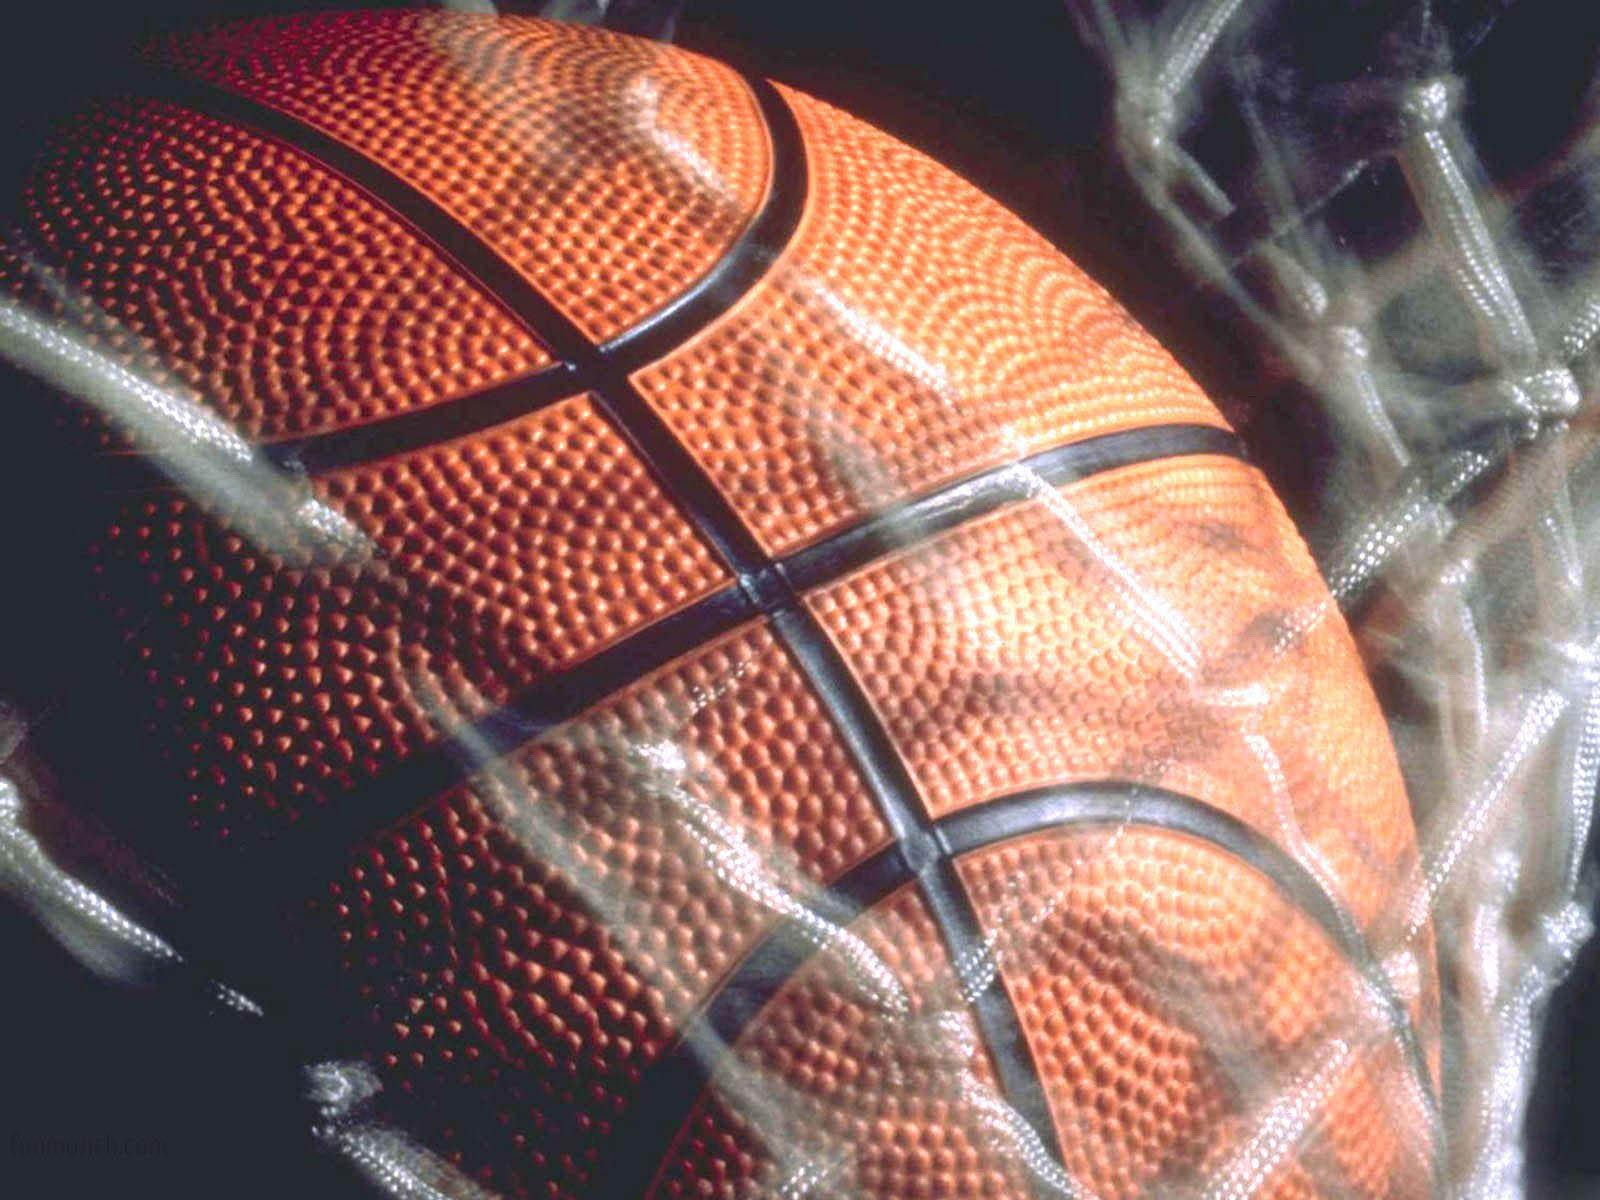 http://1.bp.blogspot.com/-AK7zRyULfzg/T_23T8MtI1I/AAAAAAAAFUY/iyw3rsX7ZfY/s1600/Basket+Ball+Wallpapers.jpg